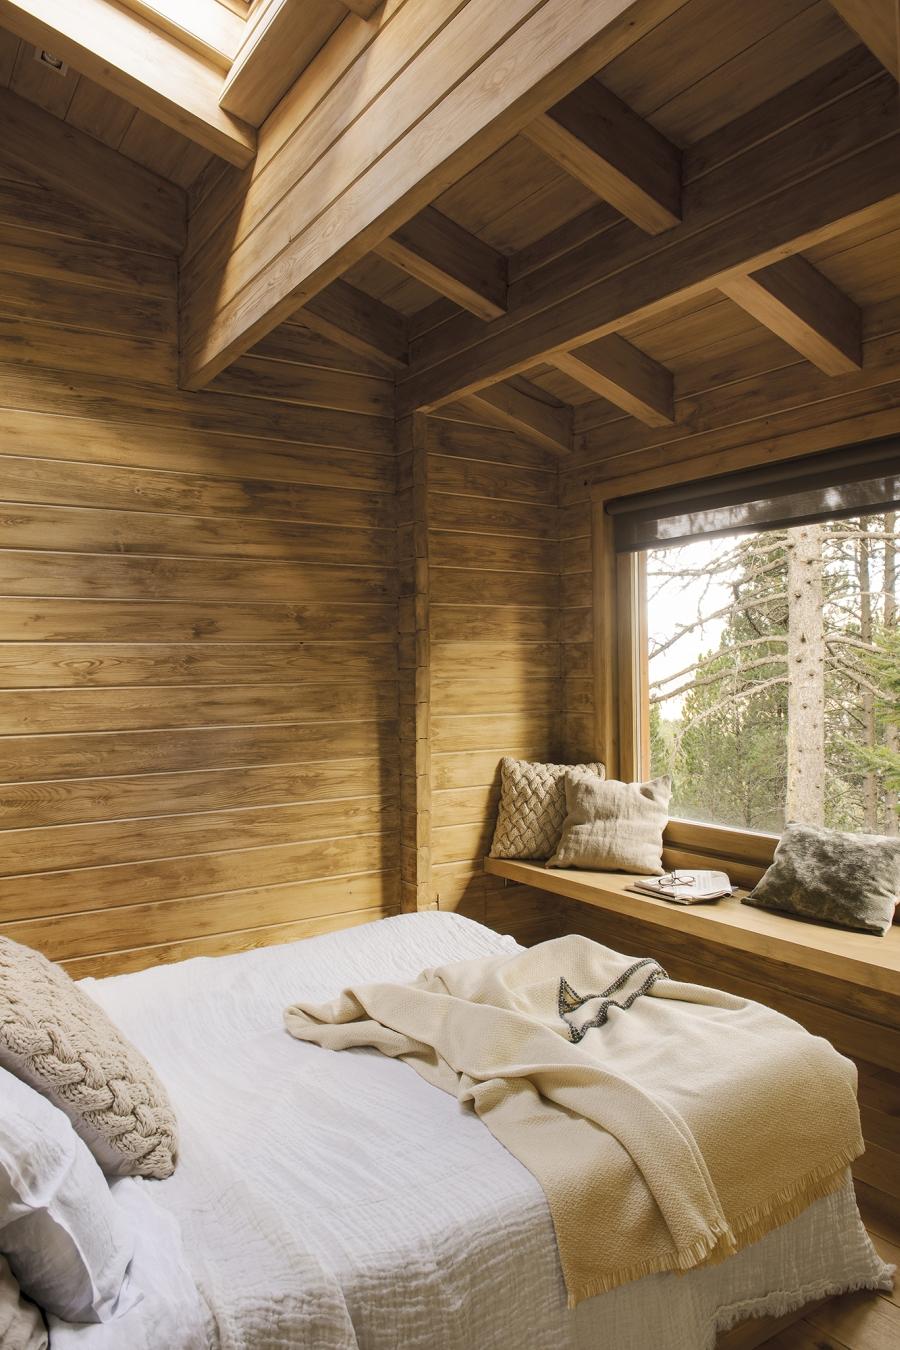 Drewniany domek w środku lasu - wystrój wnętrz, wnętrza, urządzanie mieszkania, dom, home decor, dekoracje, aranżacje, drewniany dom, drewno, eco, ekolodiczny, naturalny, cozy home, styl skandynawski, scandinavian style, otwarta przestrzeń, salon, living room, kuchnia, kitchen, jadalnia, wyspa kuchenna, sypialnia, bedroom, łóżko